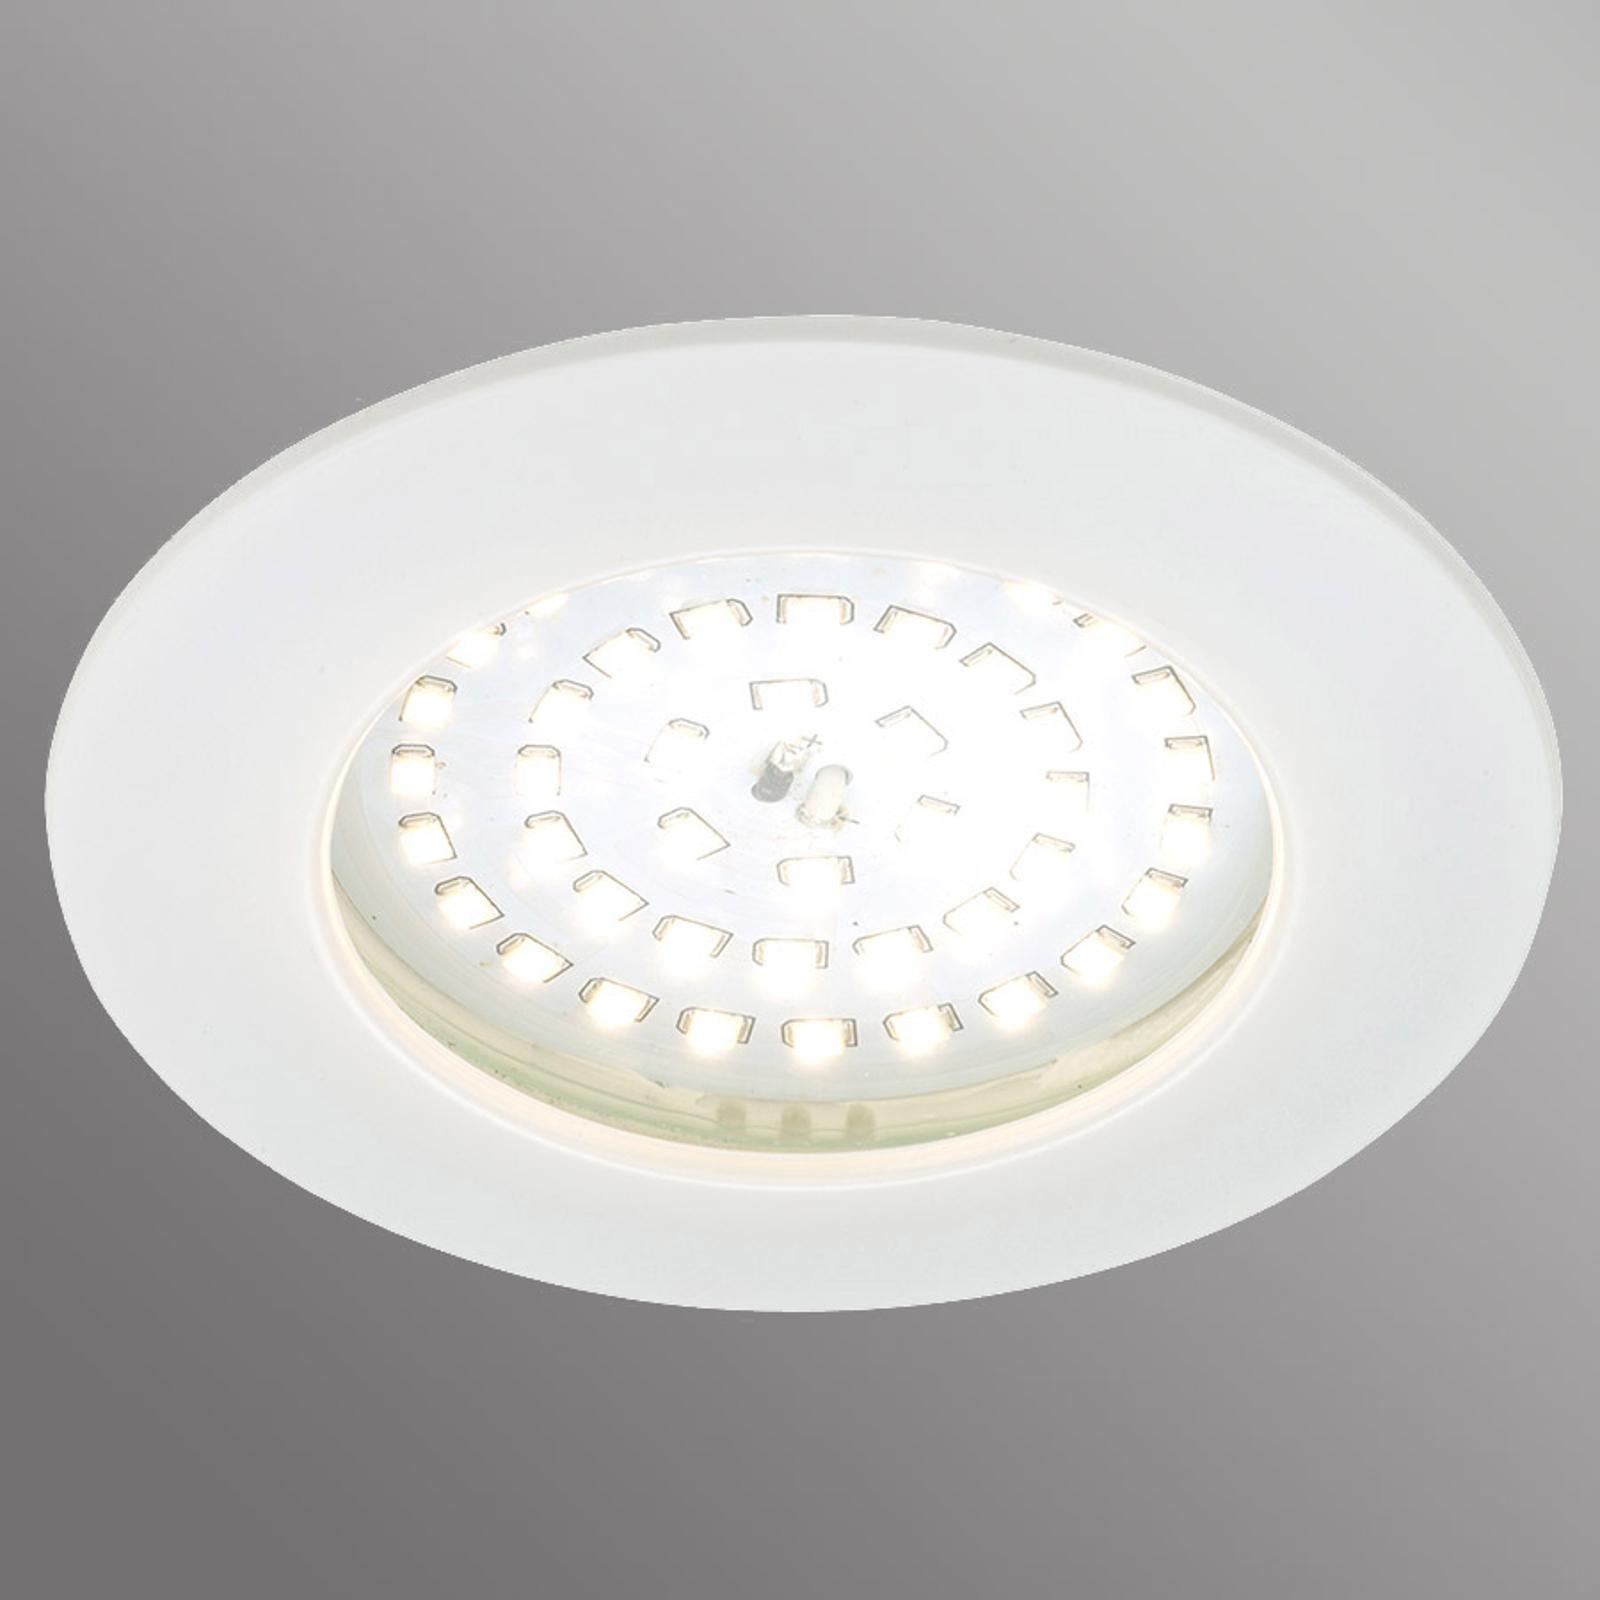 Lámpara empotrada LED Carl blanca para exterior